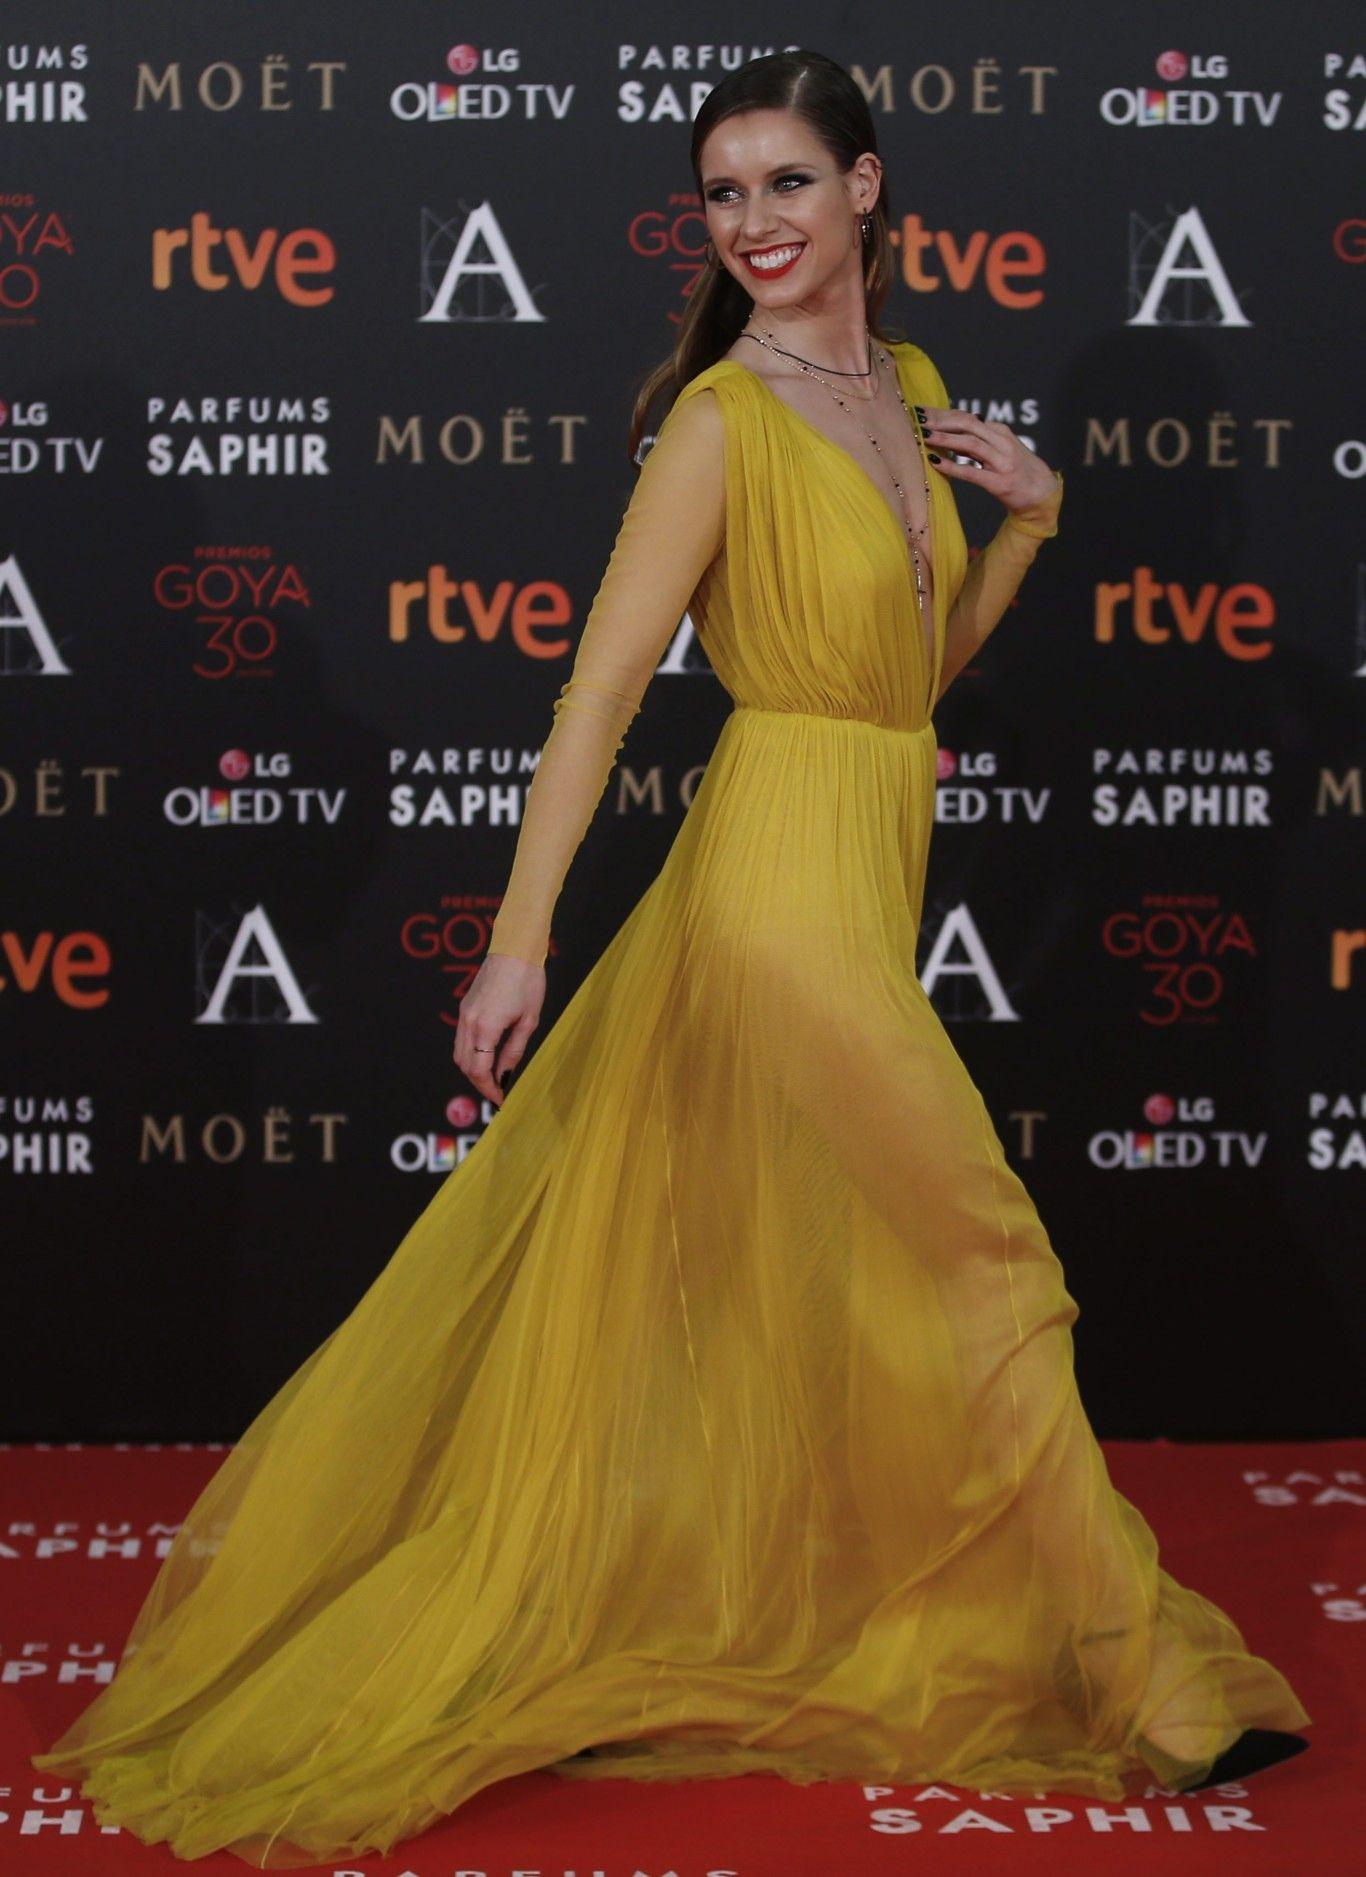 Manuela Vellés confió en Cortana para asistir a los Premios Goya 2016 y brilló en la alfombra roja con un vestido de tul de seda en color amarillo